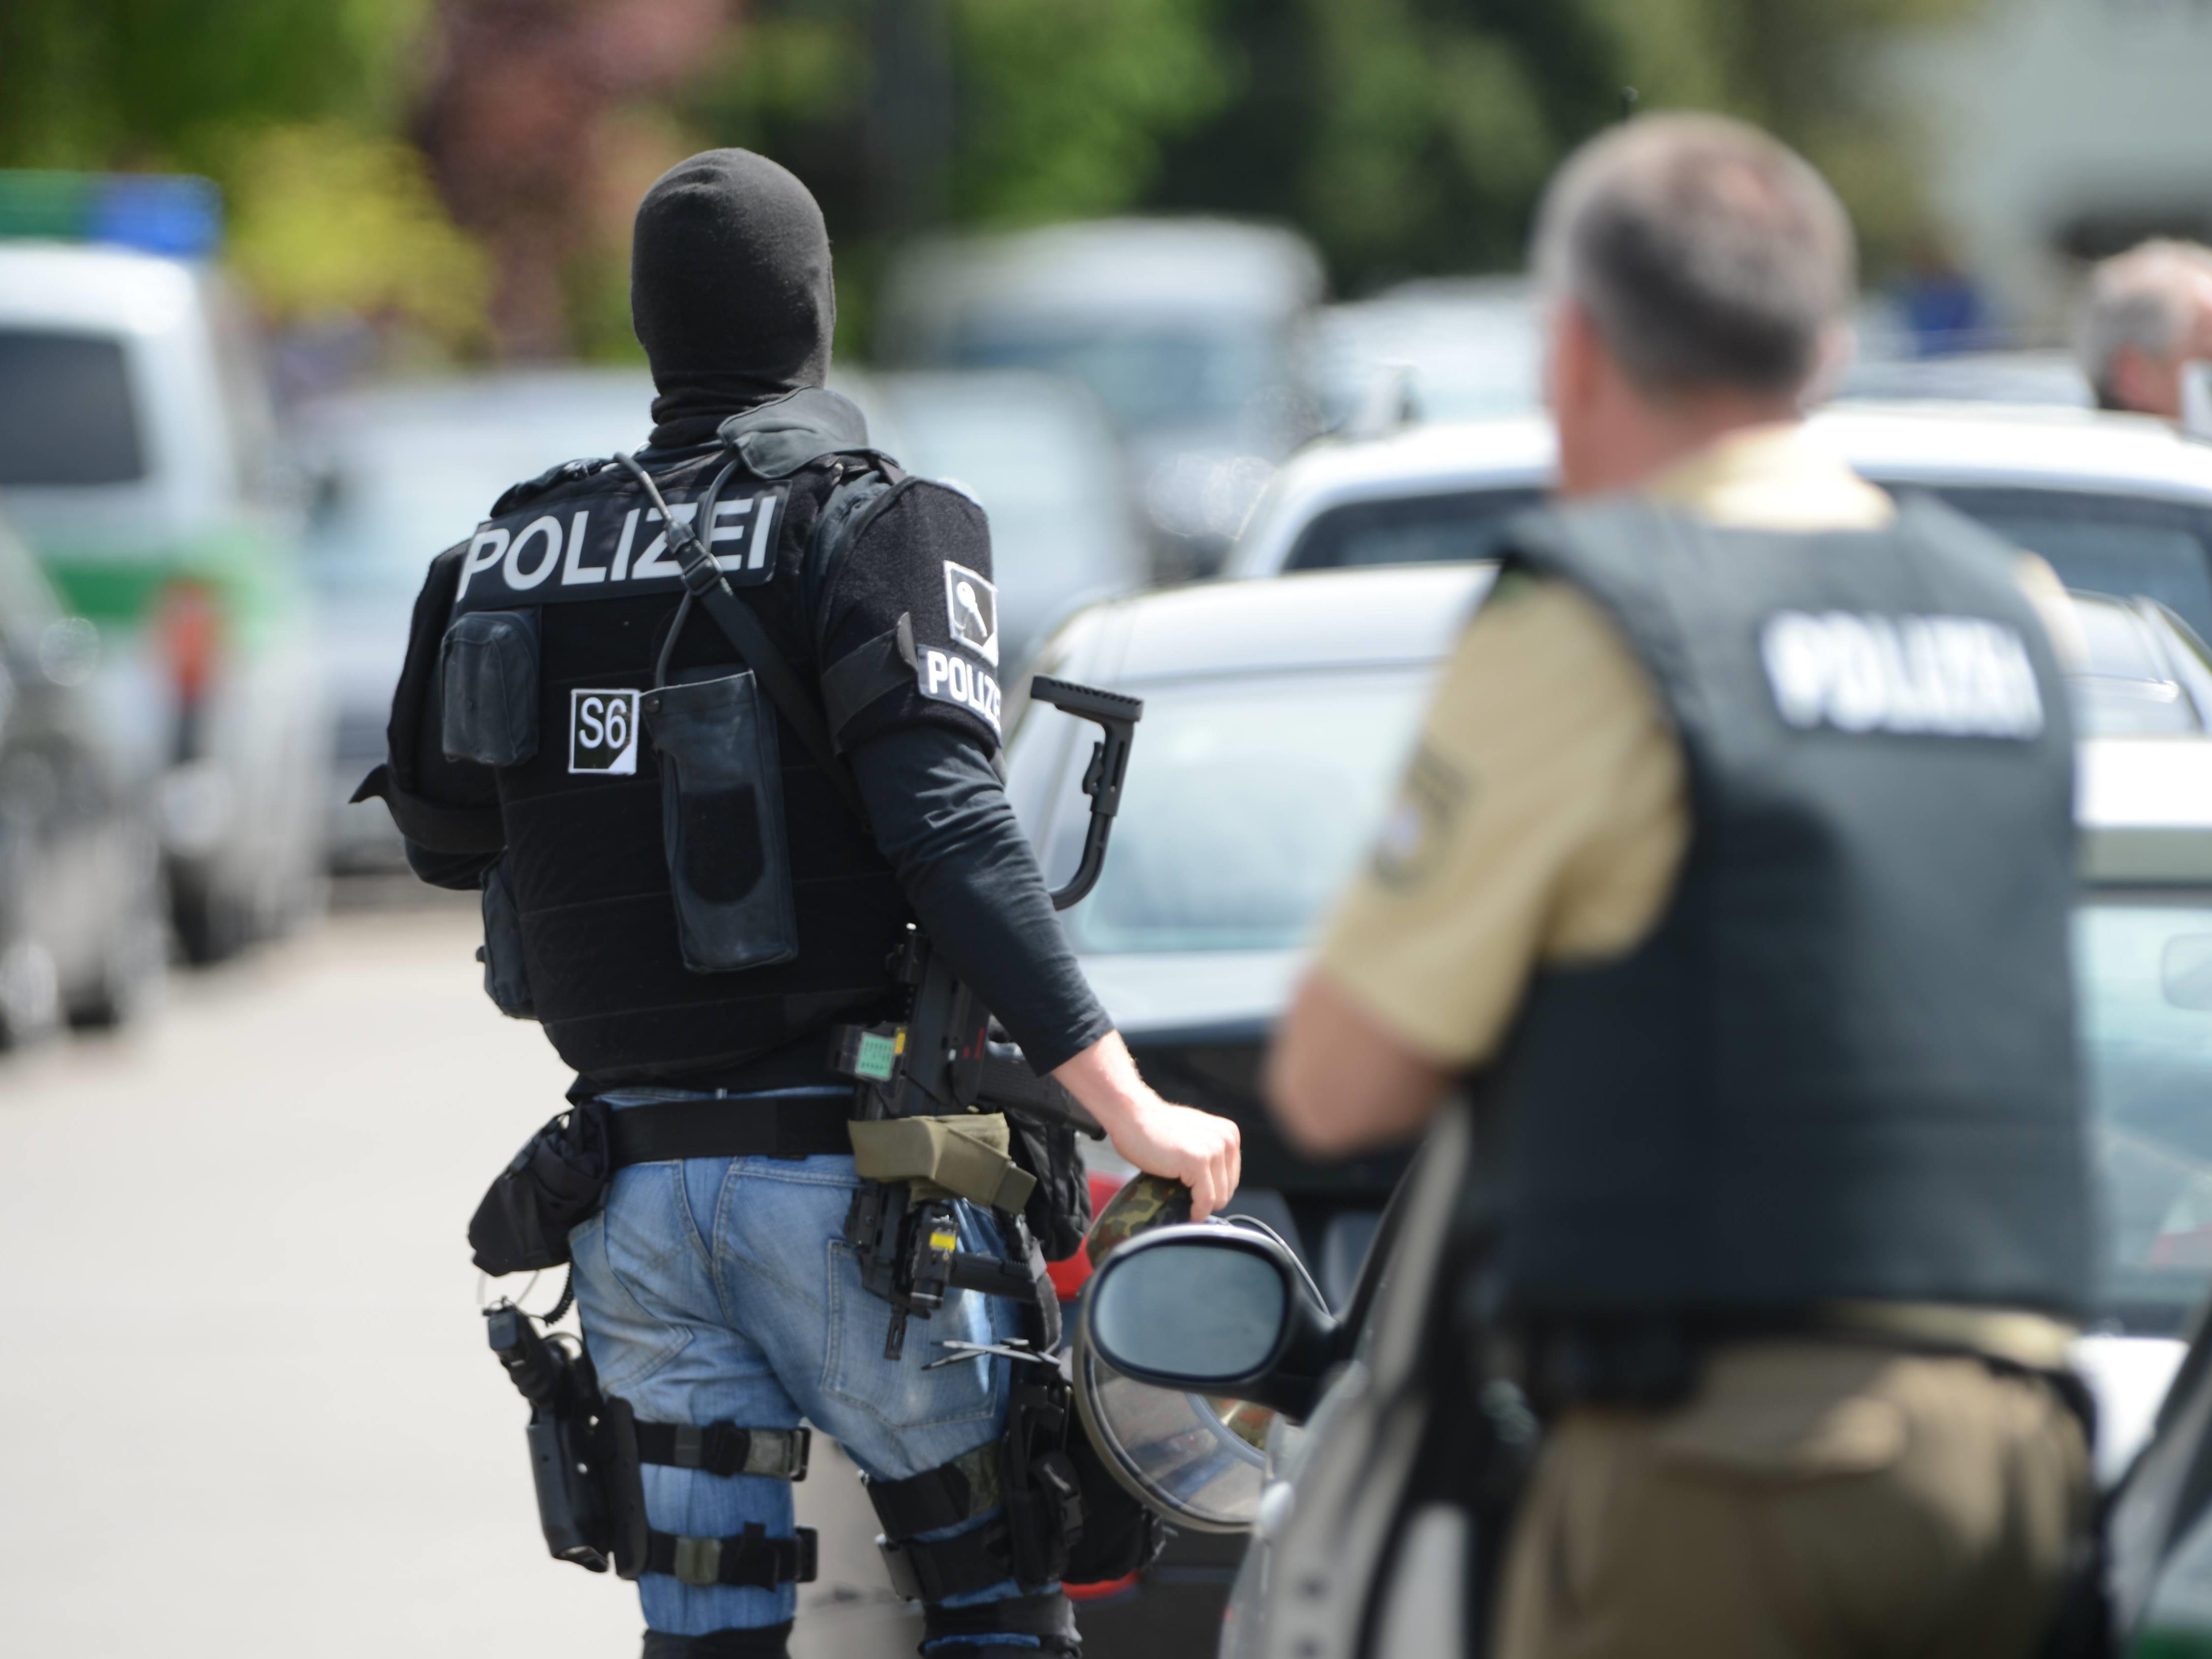 Polizei durchsucht Schule in Memmingen nach bewaffnetem Schüler